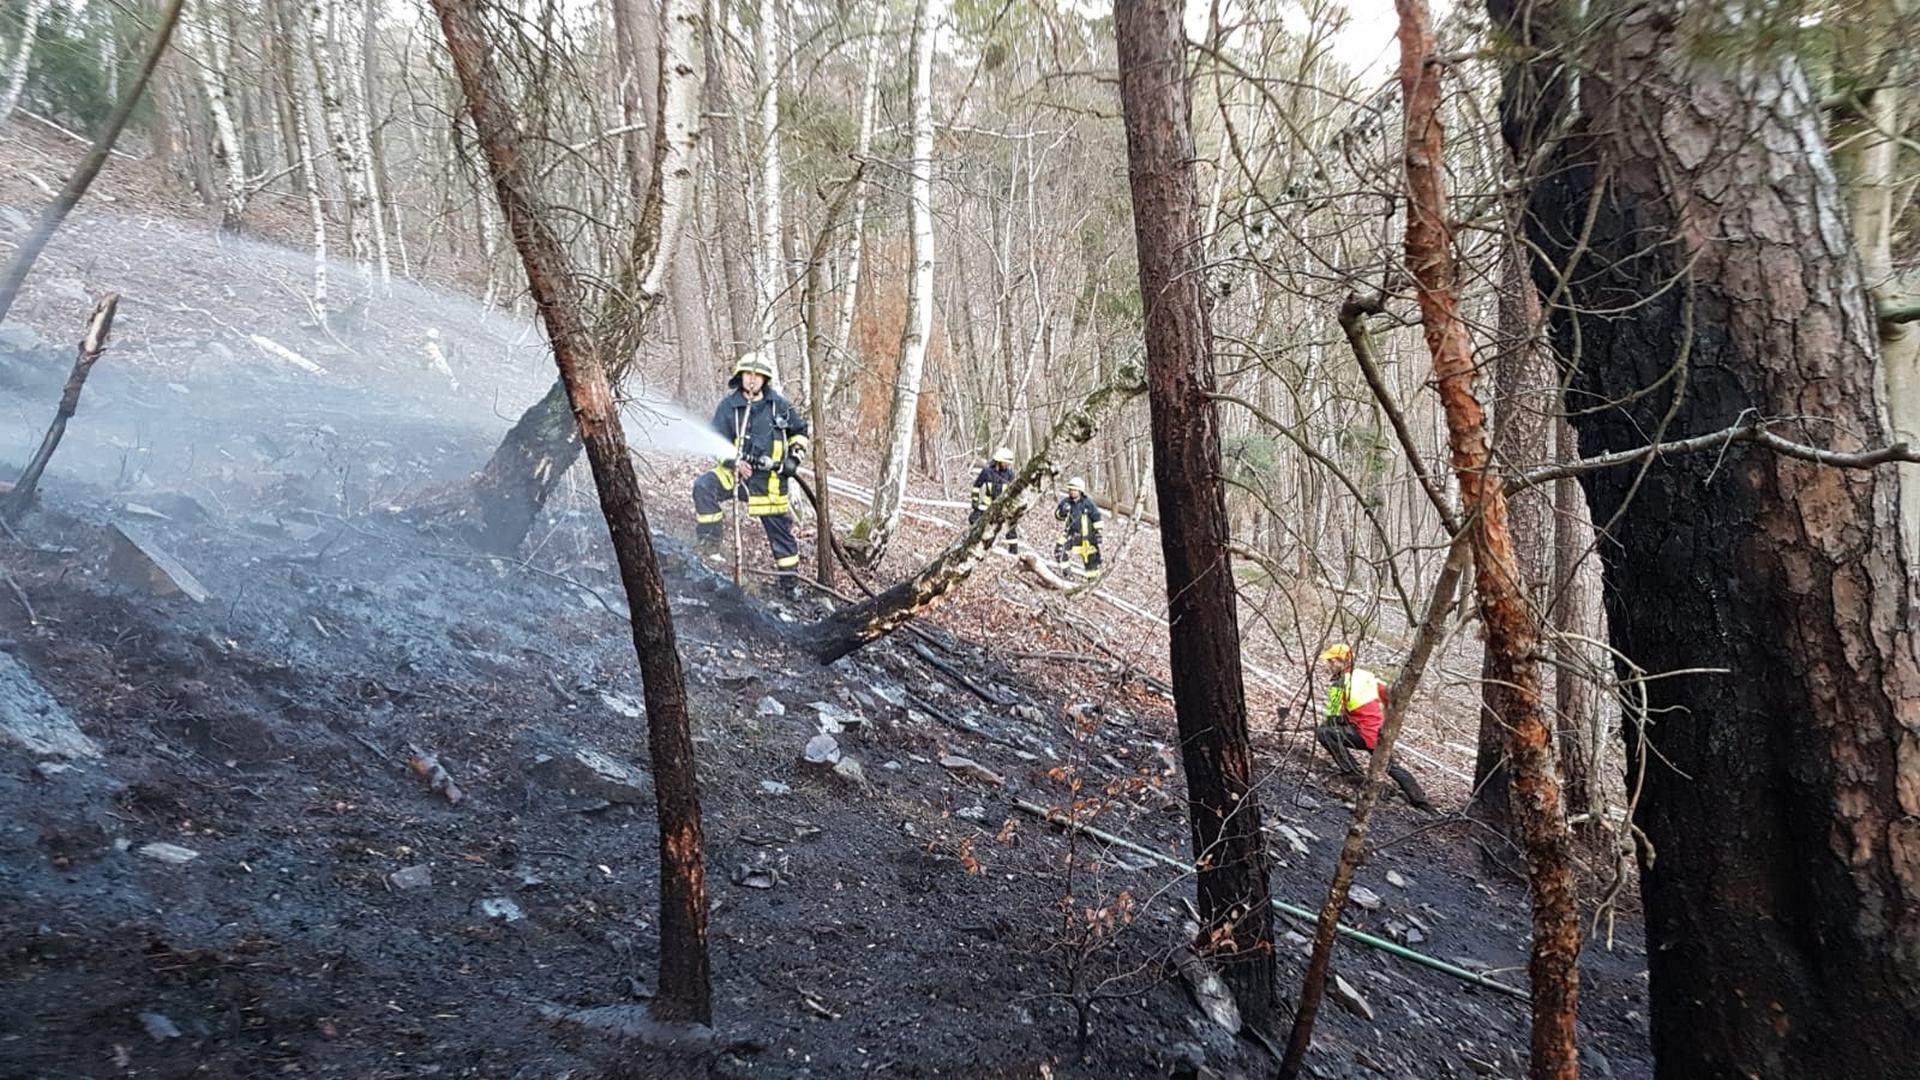 Zur Bekämpfung eines Waldbrandes unterhalb des Greizer Weißen Kreuzes rückten am Donnerstagnachmittag (02.04.2020) die Greizer Feuerwehren aus, darunter die Ortsteilfeuerwehr Obergrochlitz.